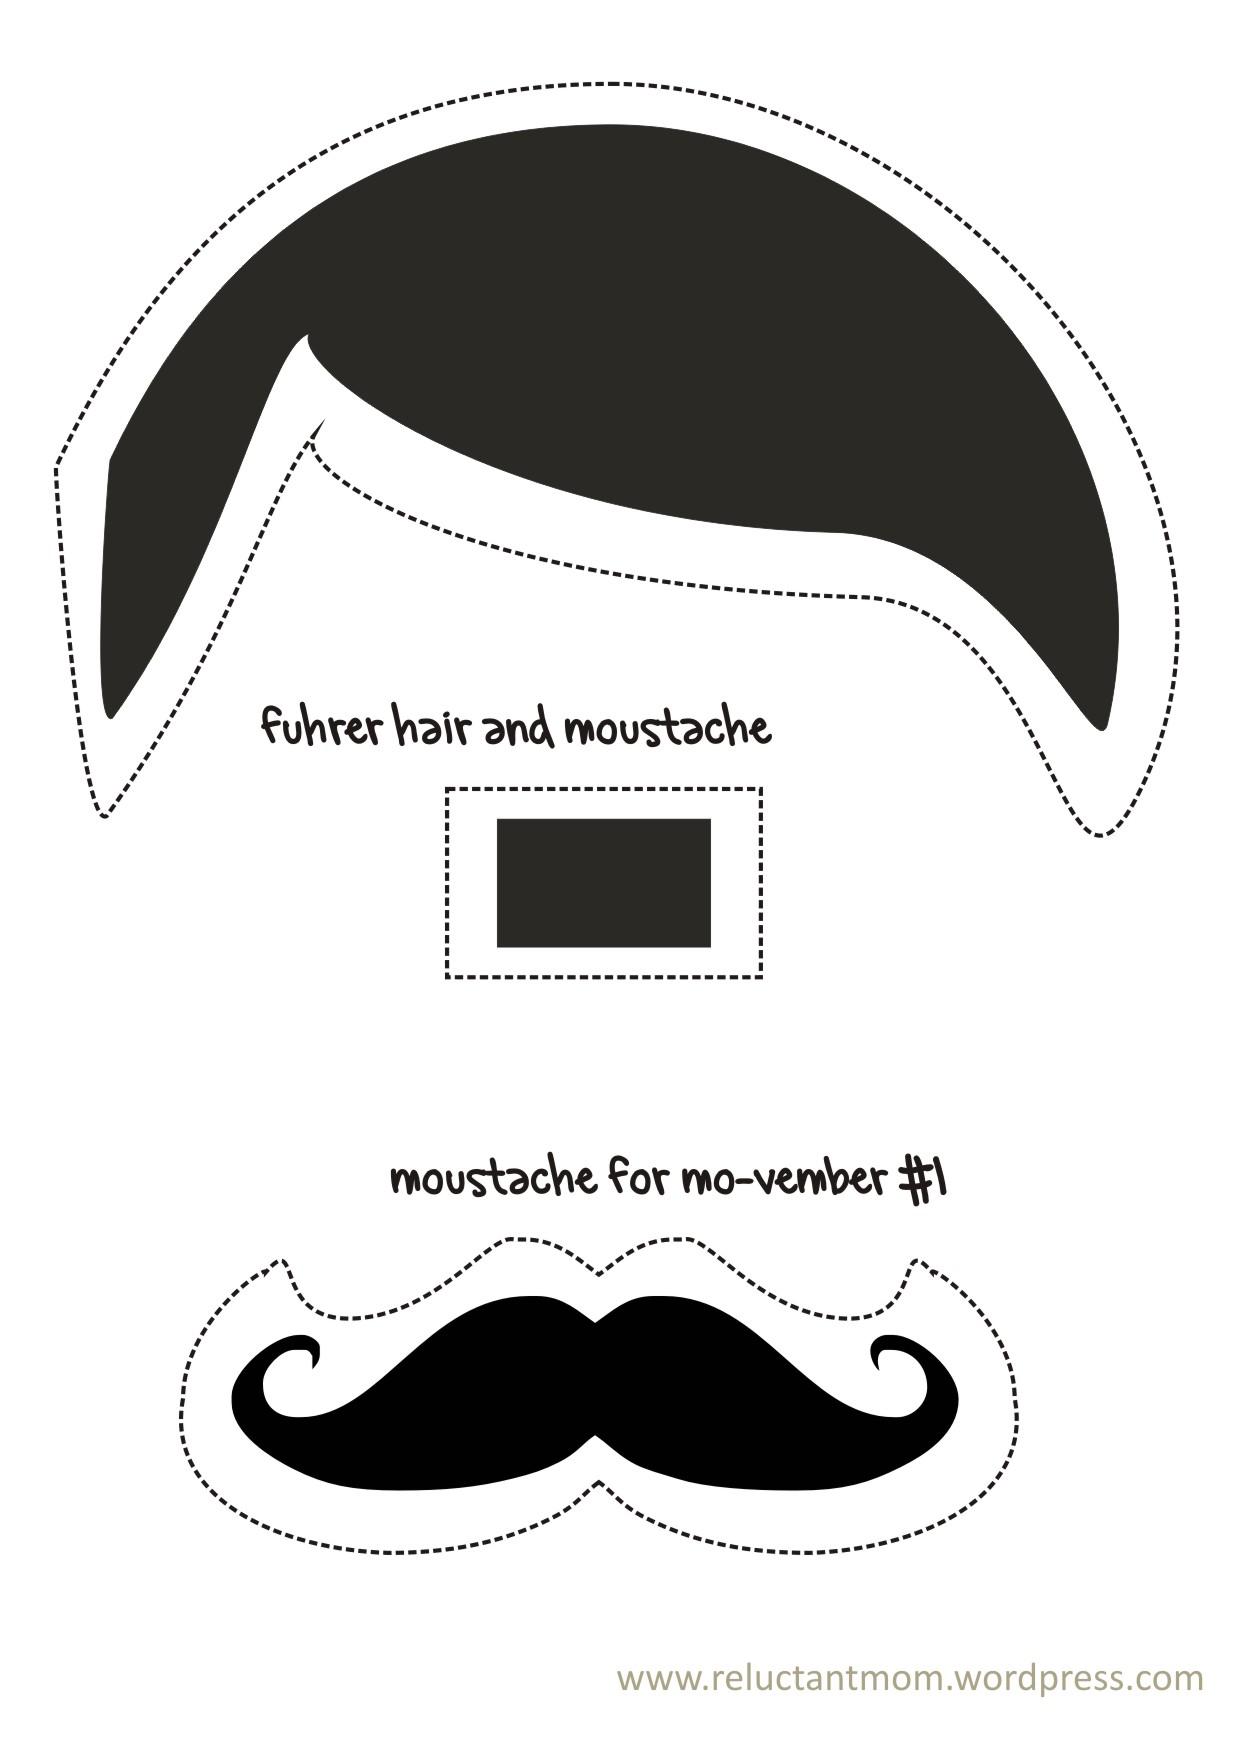 mustach template - moustache templates